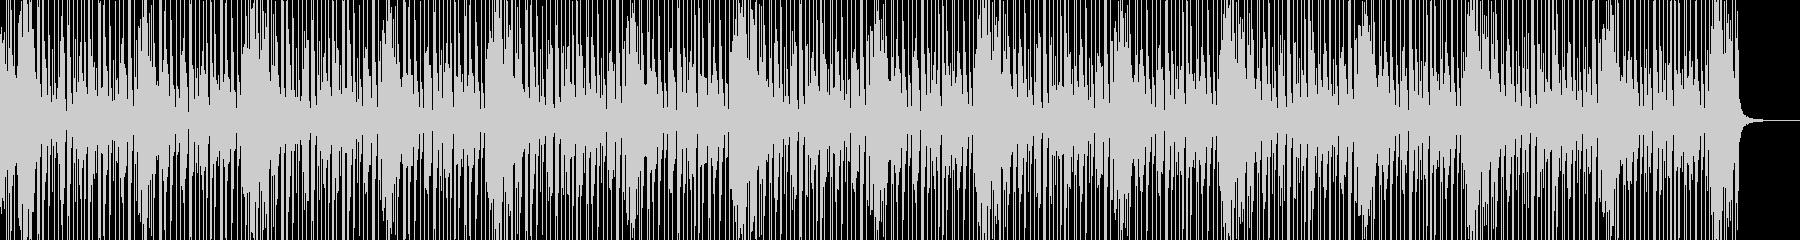 リズミカルなドラムソロの未再生の波形